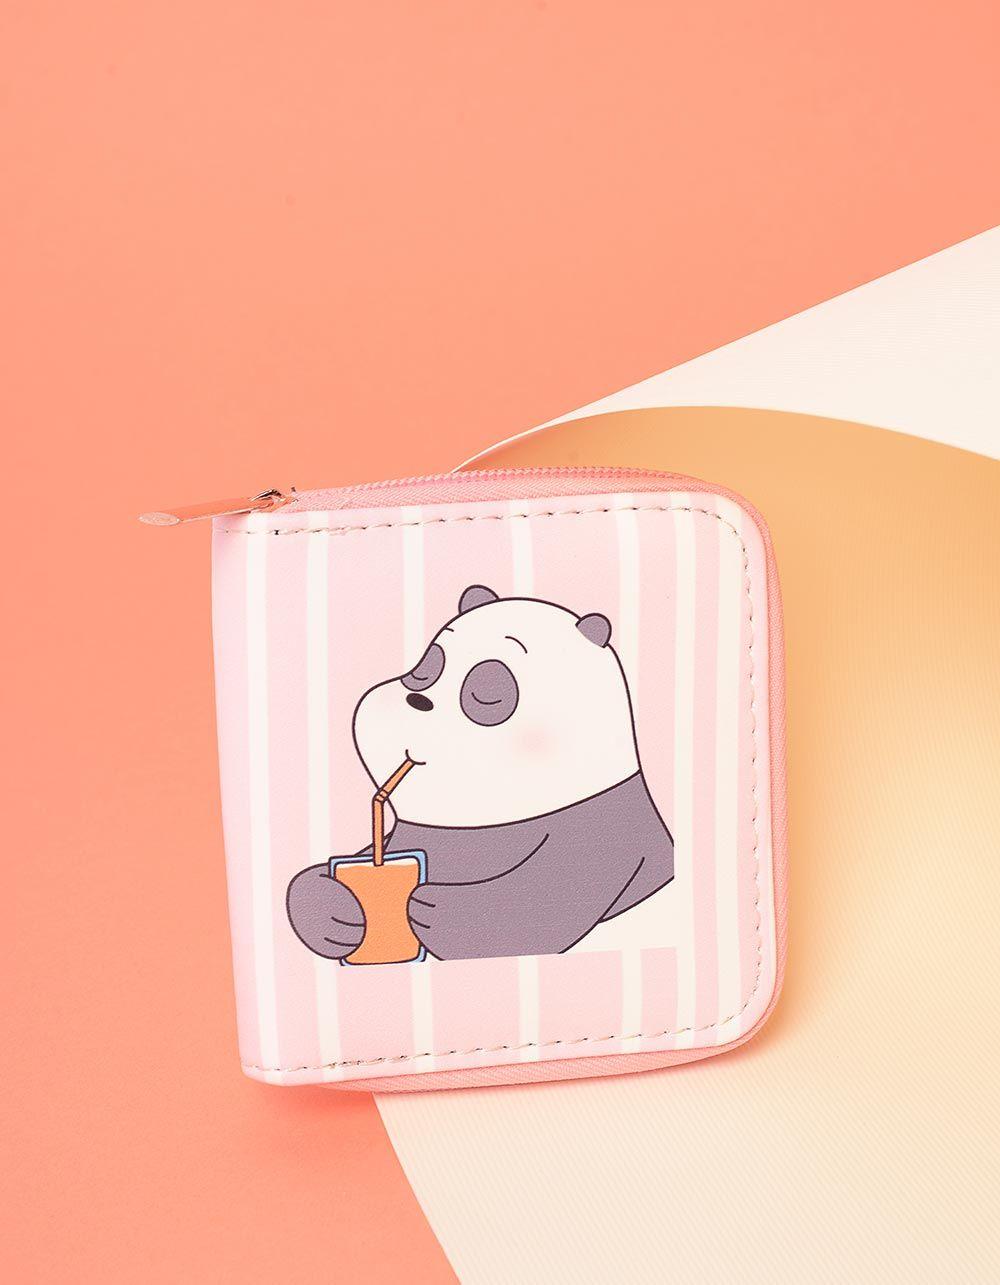 Гаманець на блискавці з малюнком ведмедика | 237735-14-XX